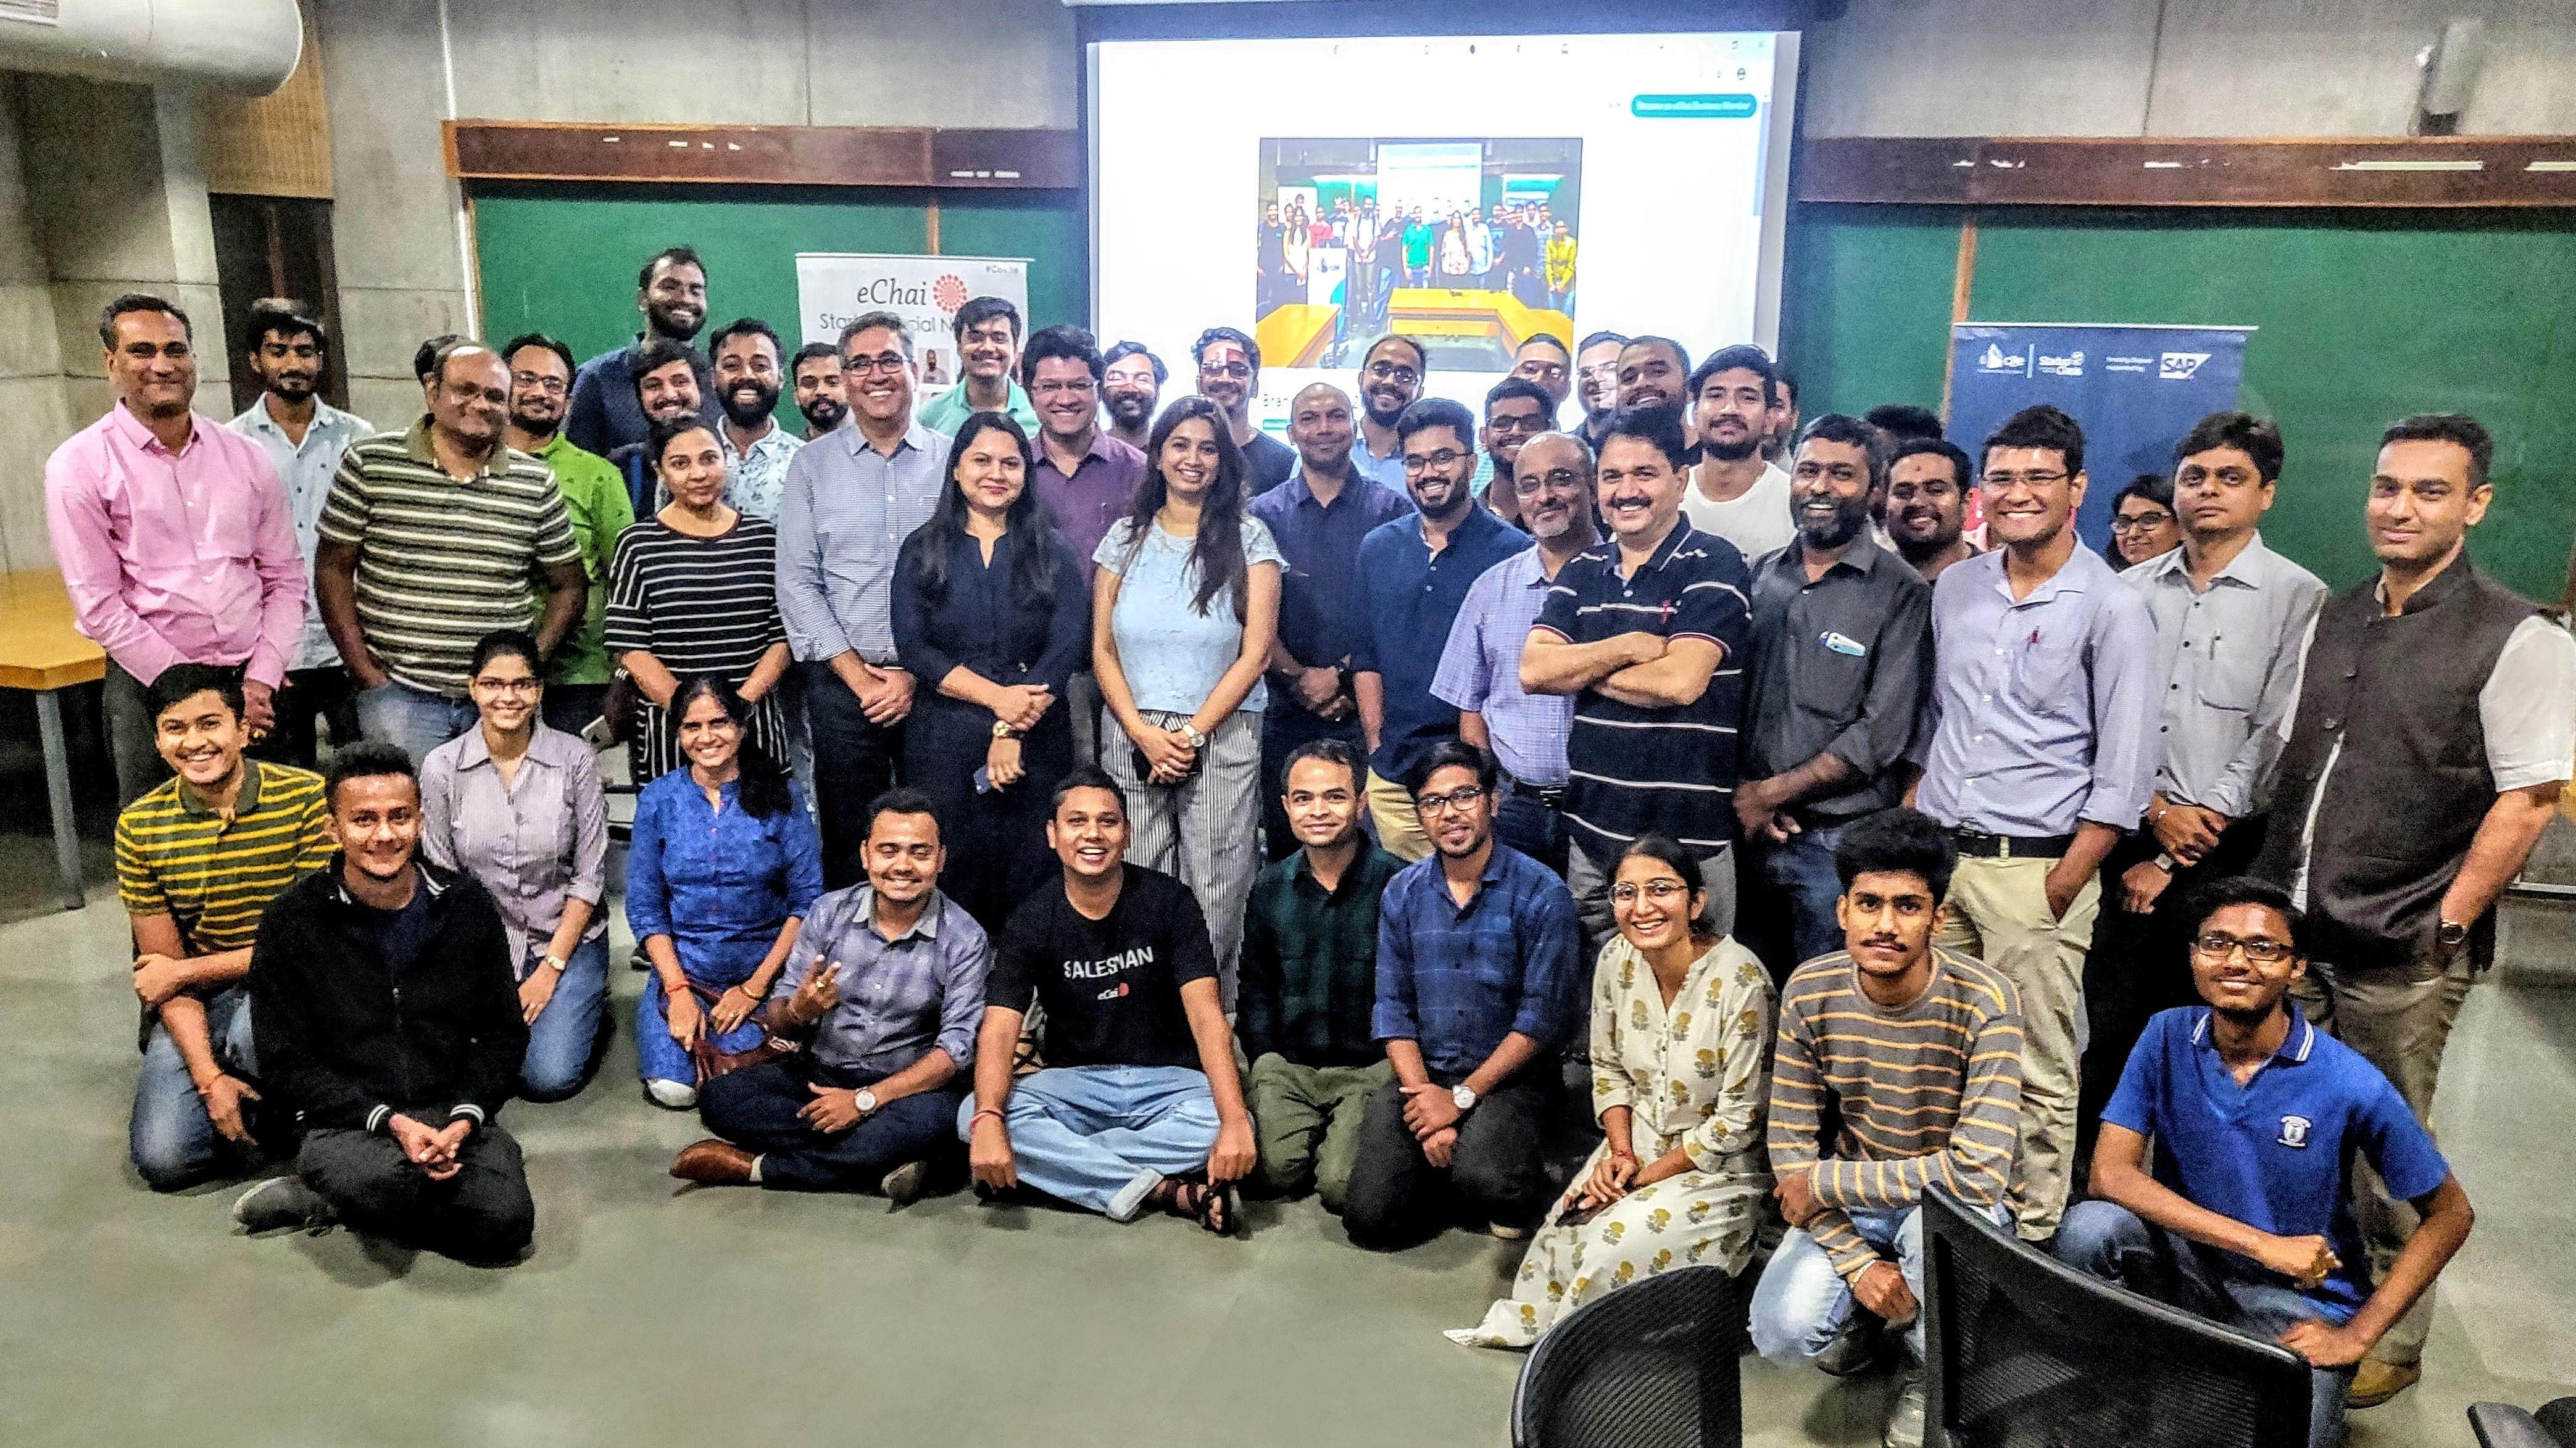 eChai Chennai Startup Network